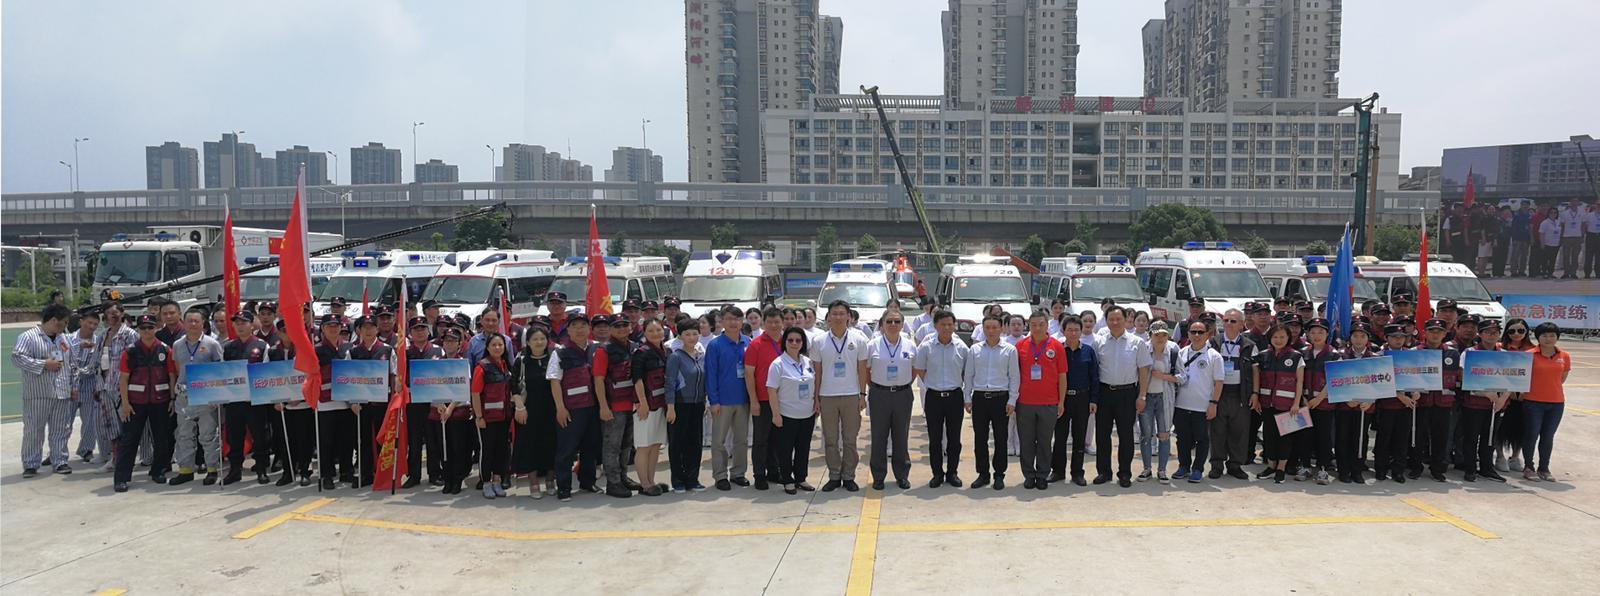 香港災難醫療學會參與國內應急演練